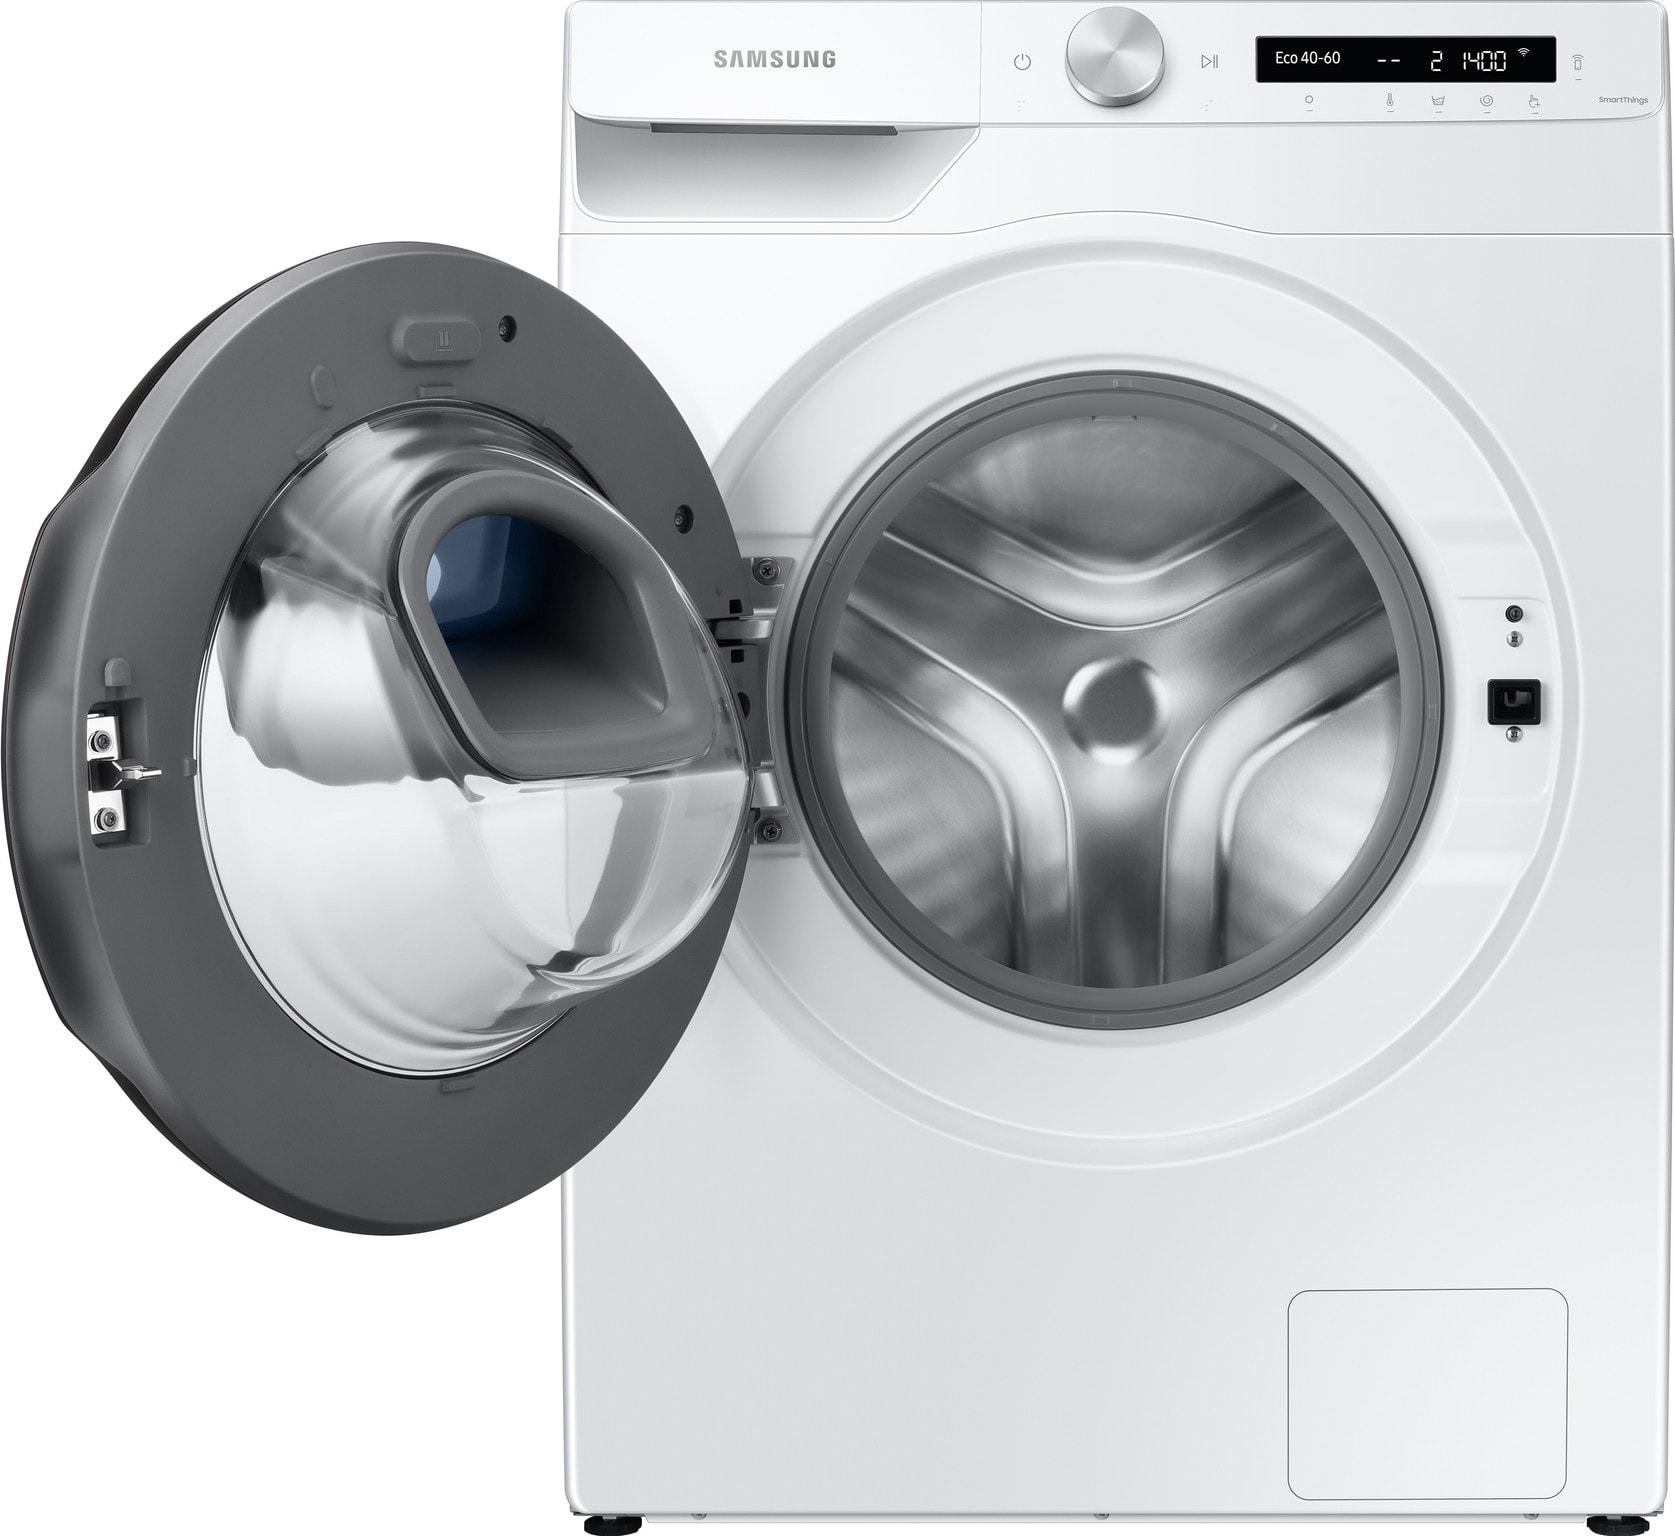 Samsung Addwash wasmachine met open deur, vooraanzicht